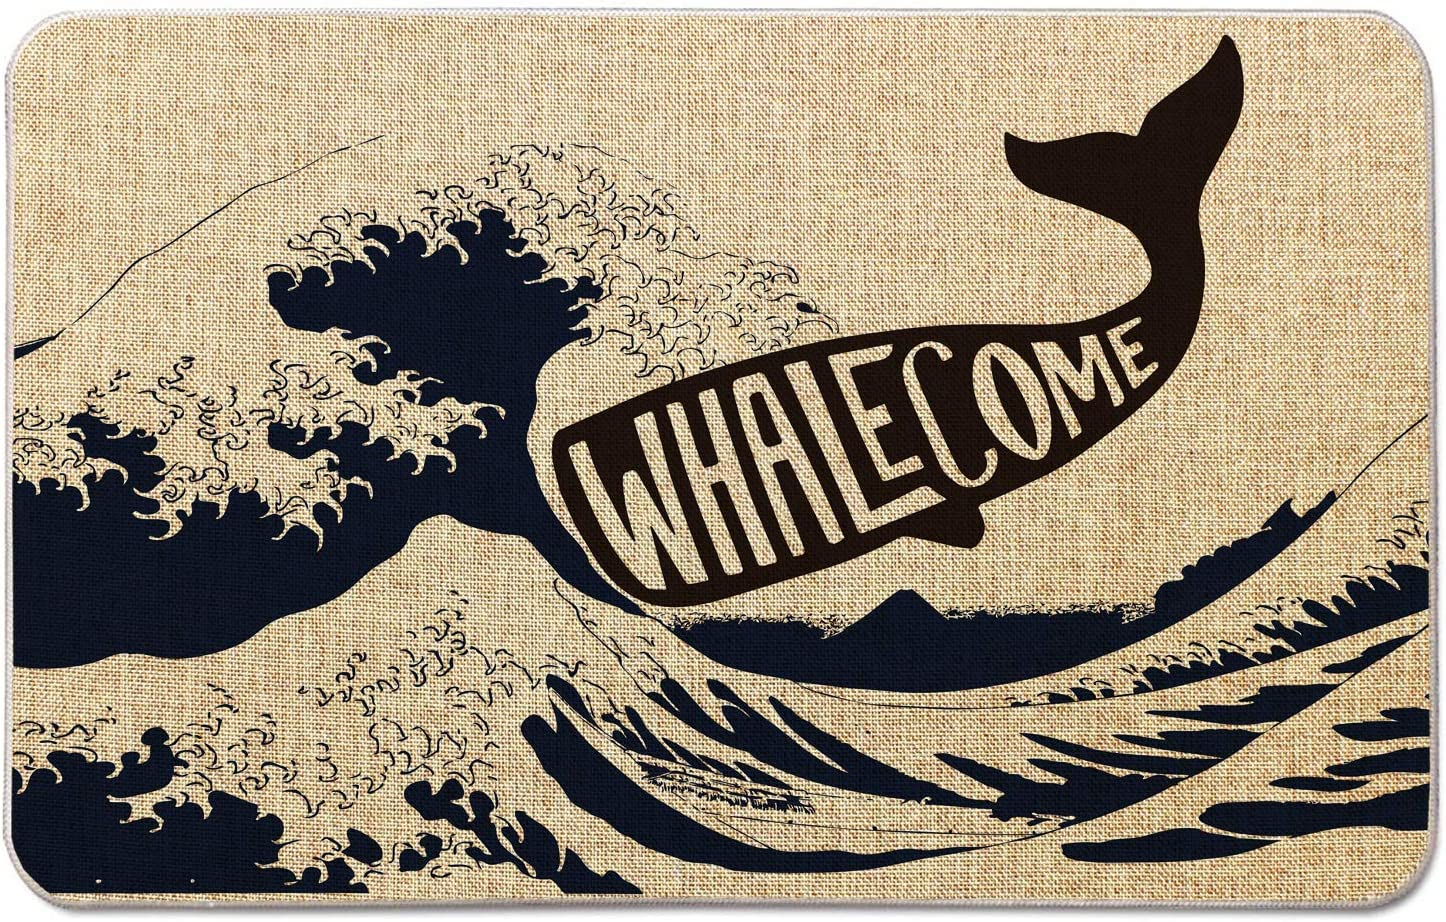 Welcome Mat for Front Door Farmhouse Rustic Decorative Entryway Outdoor Floor Doormat Durable Burlap Outdoor Rug   Whale Come